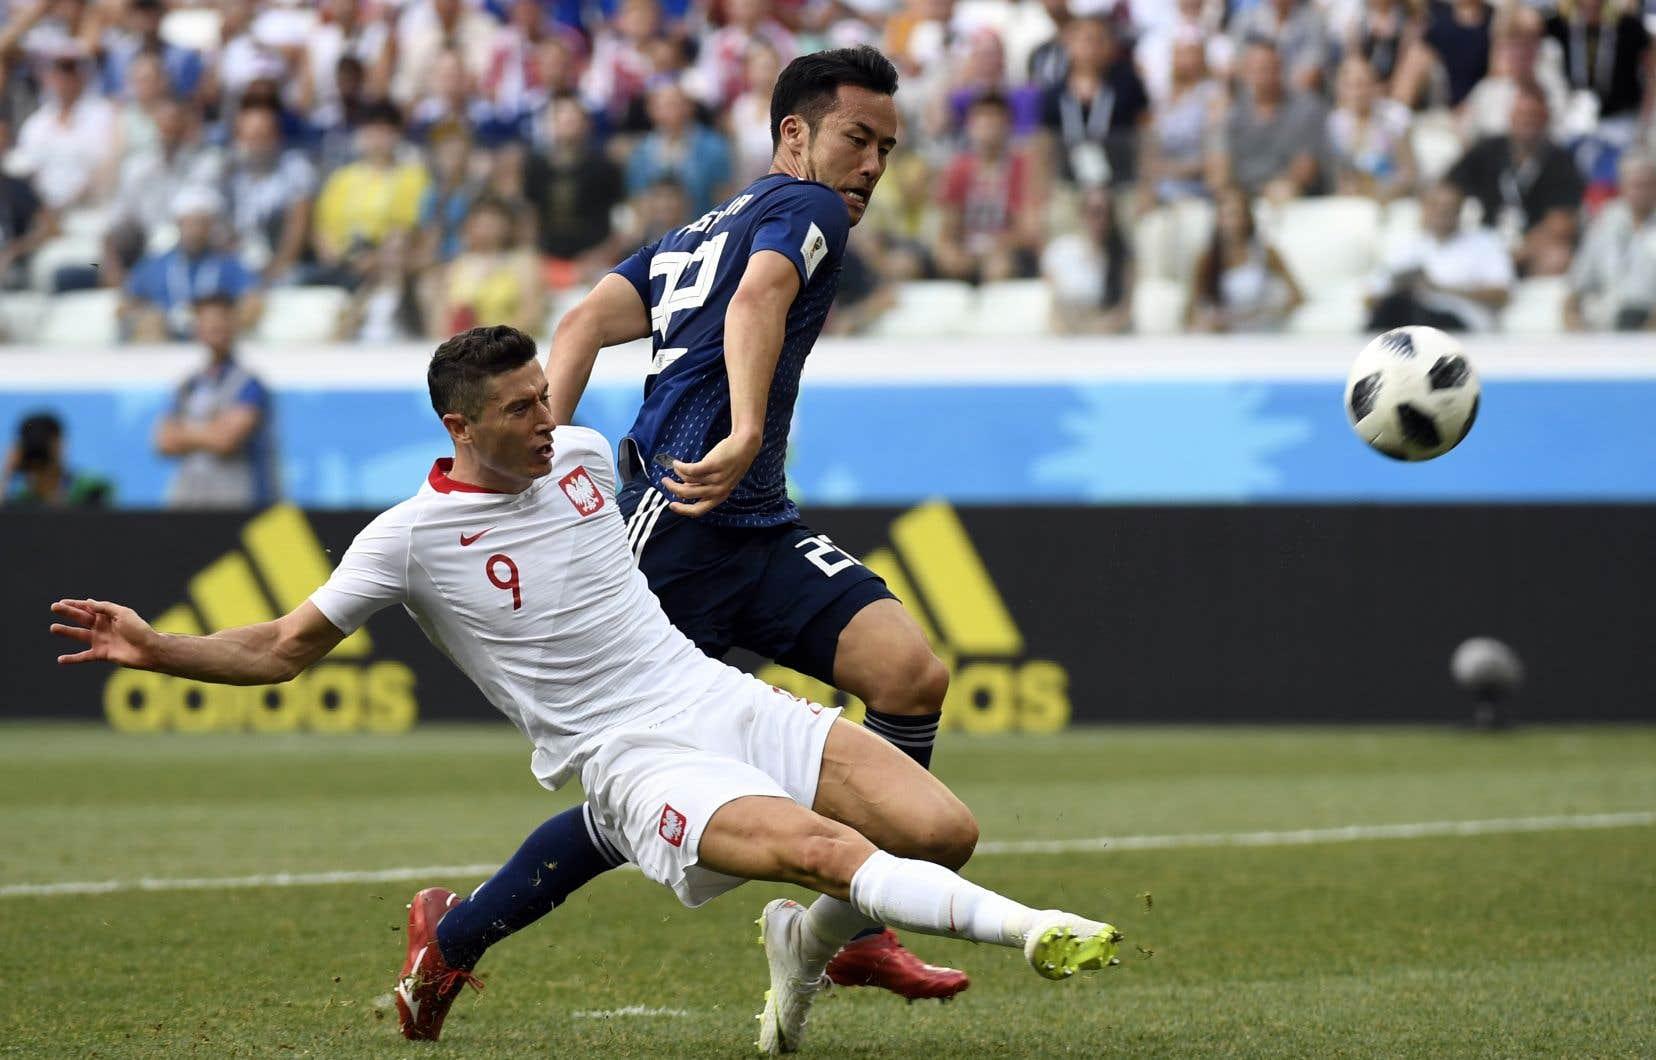 Le Japon a pris jeudi le train des huitièmes de finale du Mondial 2018 malgré sa défaite contre la Pologne.